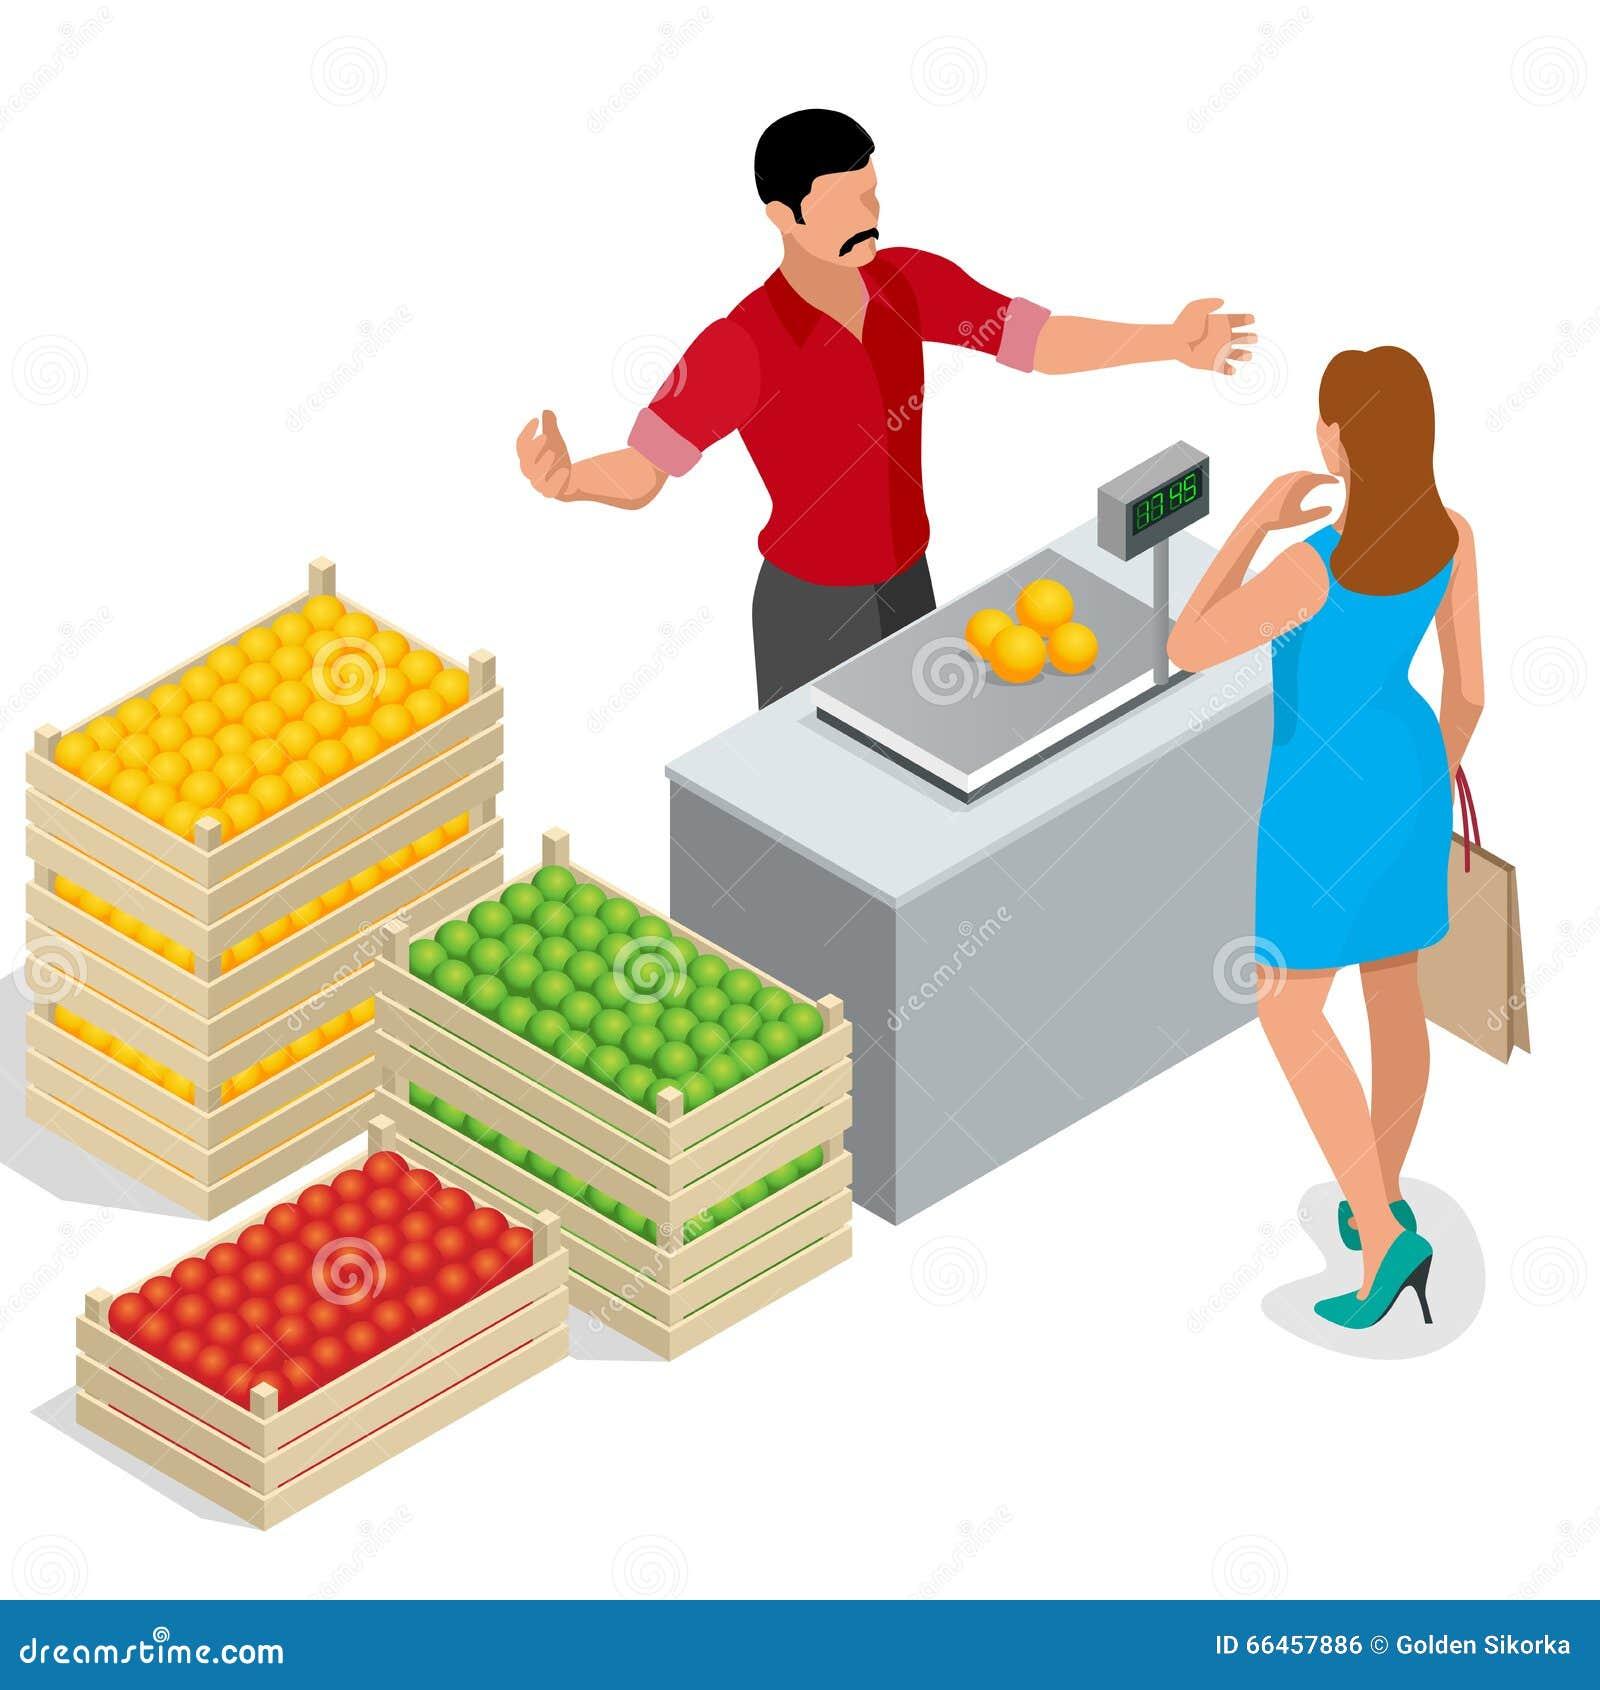 frutos-frescos-de-compra-da-mulher-bonita-vendedor-do-fruto-em-um-mercado-do-fazendeiro-suporte-para-vender-o-fruto-caixa-de-66457886.jpg